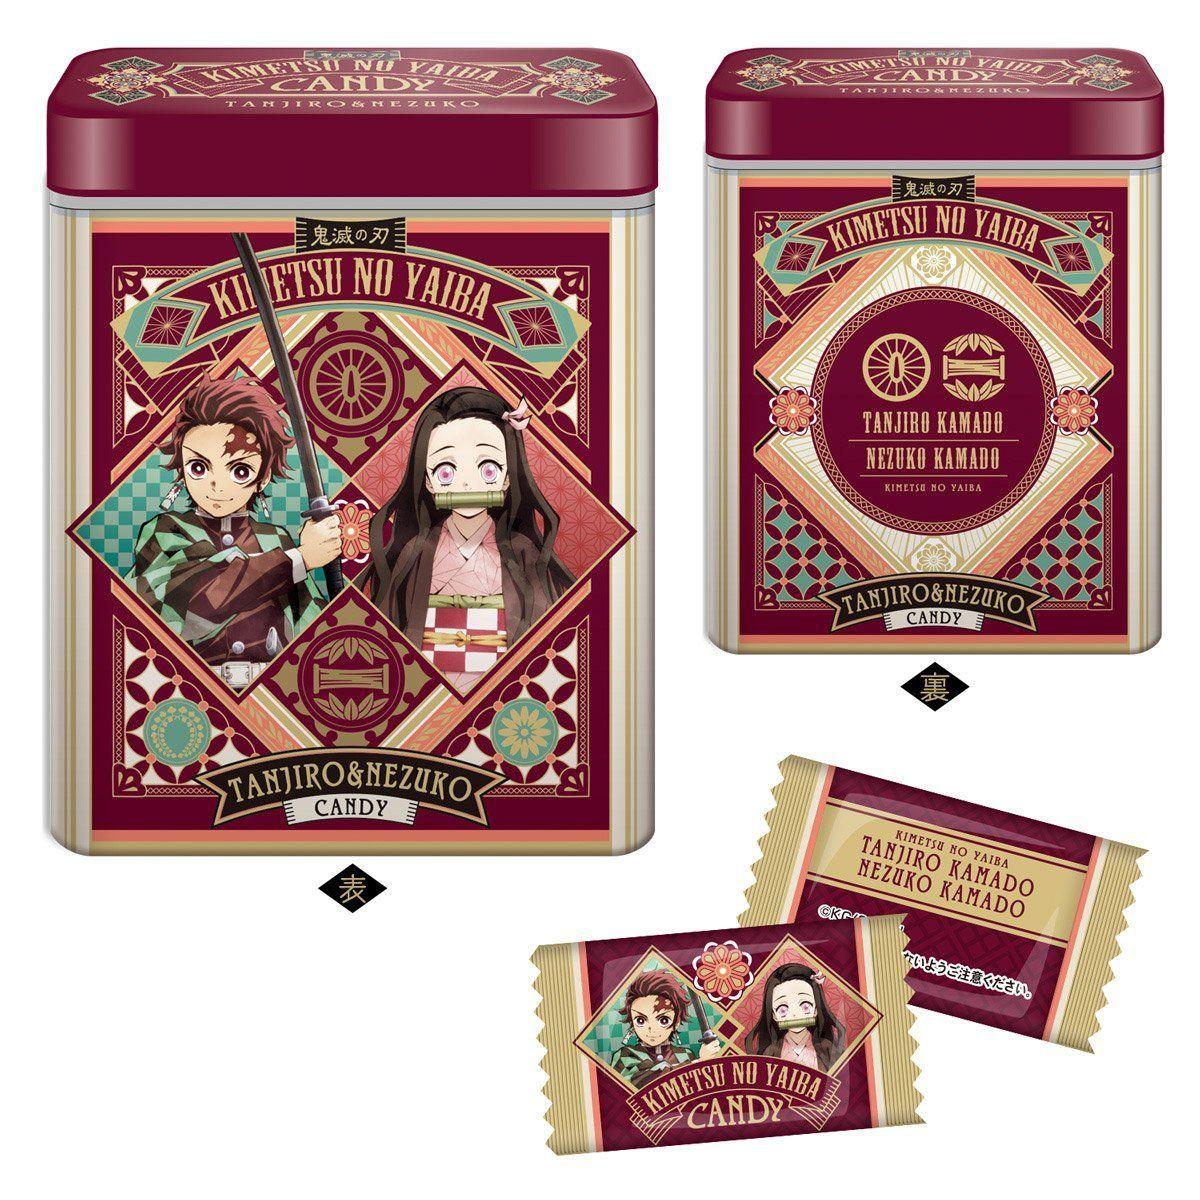 【食玩】『鬼滅の刃 CANDY缶コレクション2』12個入りBOX-001